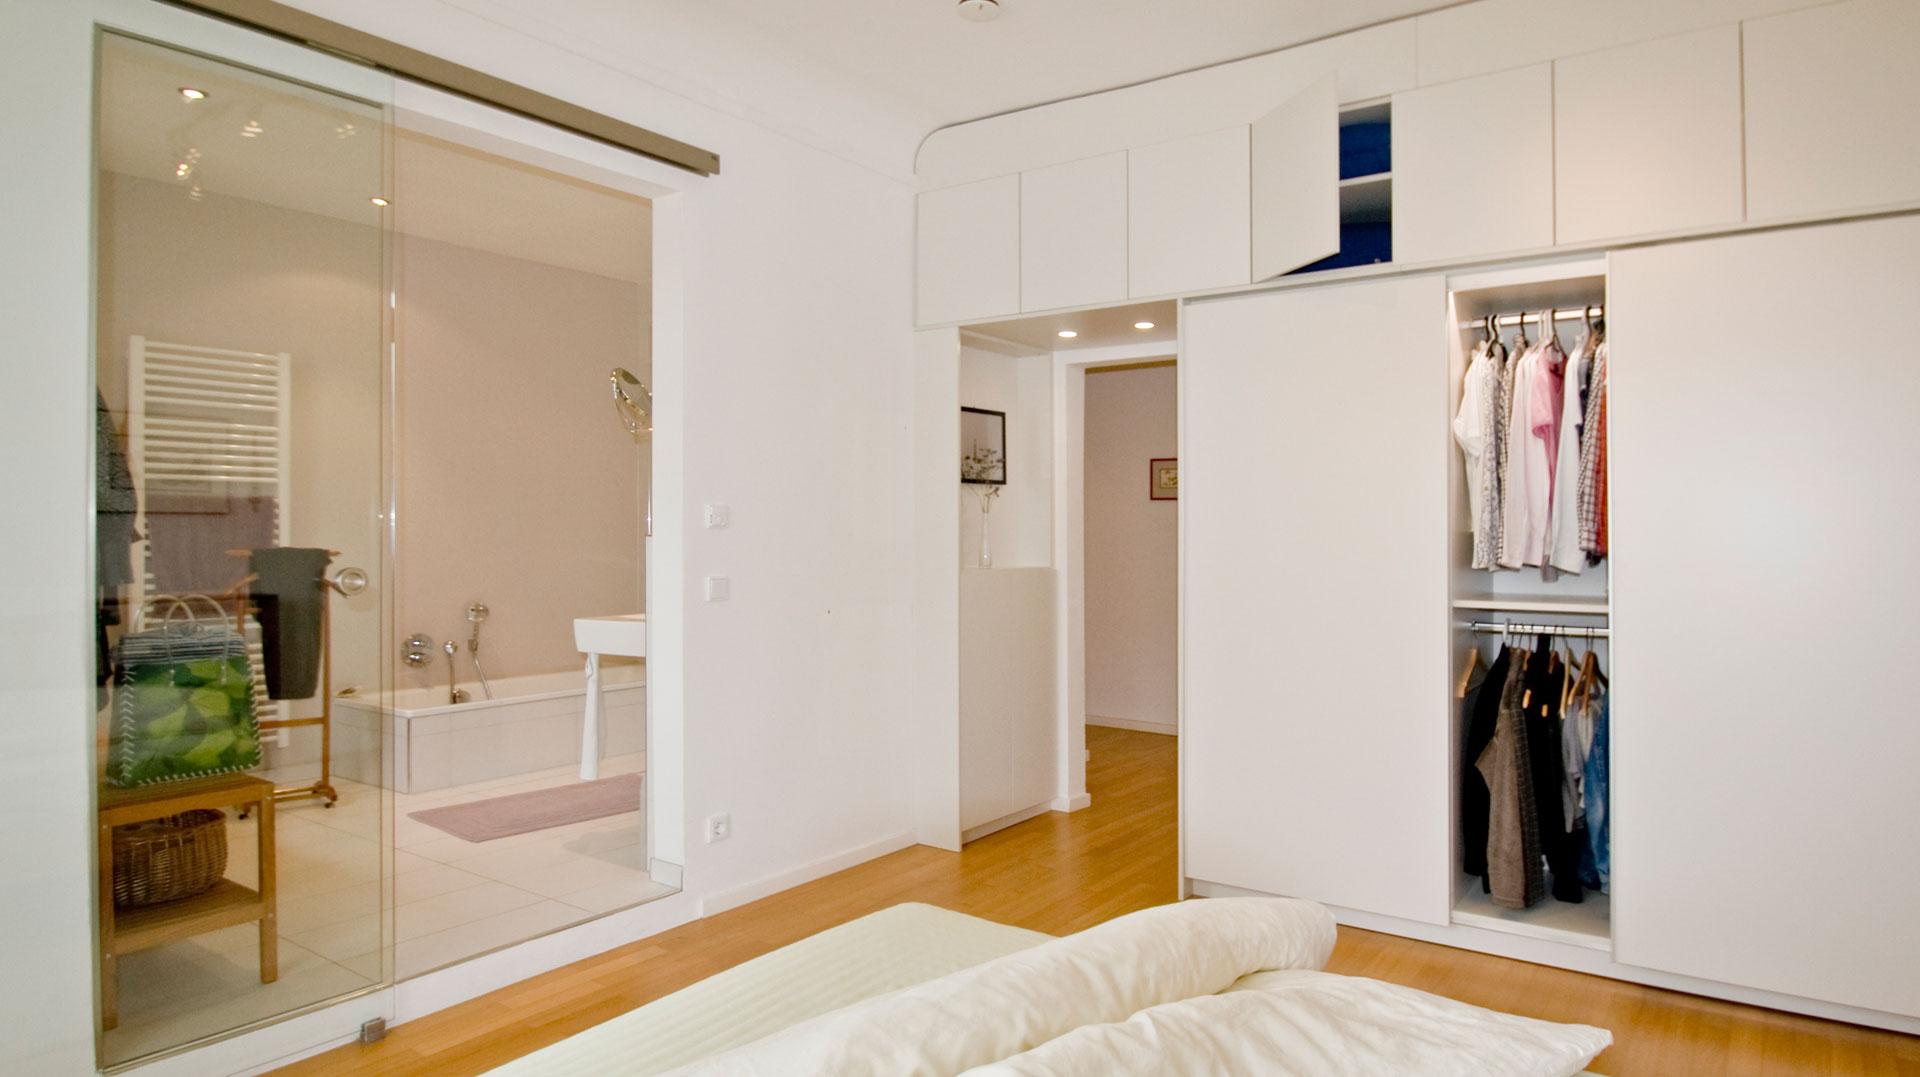 renovierung f r den altbau die wohnkomplizen die wohnkomplizen online wohnberatung. Black Bedroom Furniture Sets. Home Design Ideas